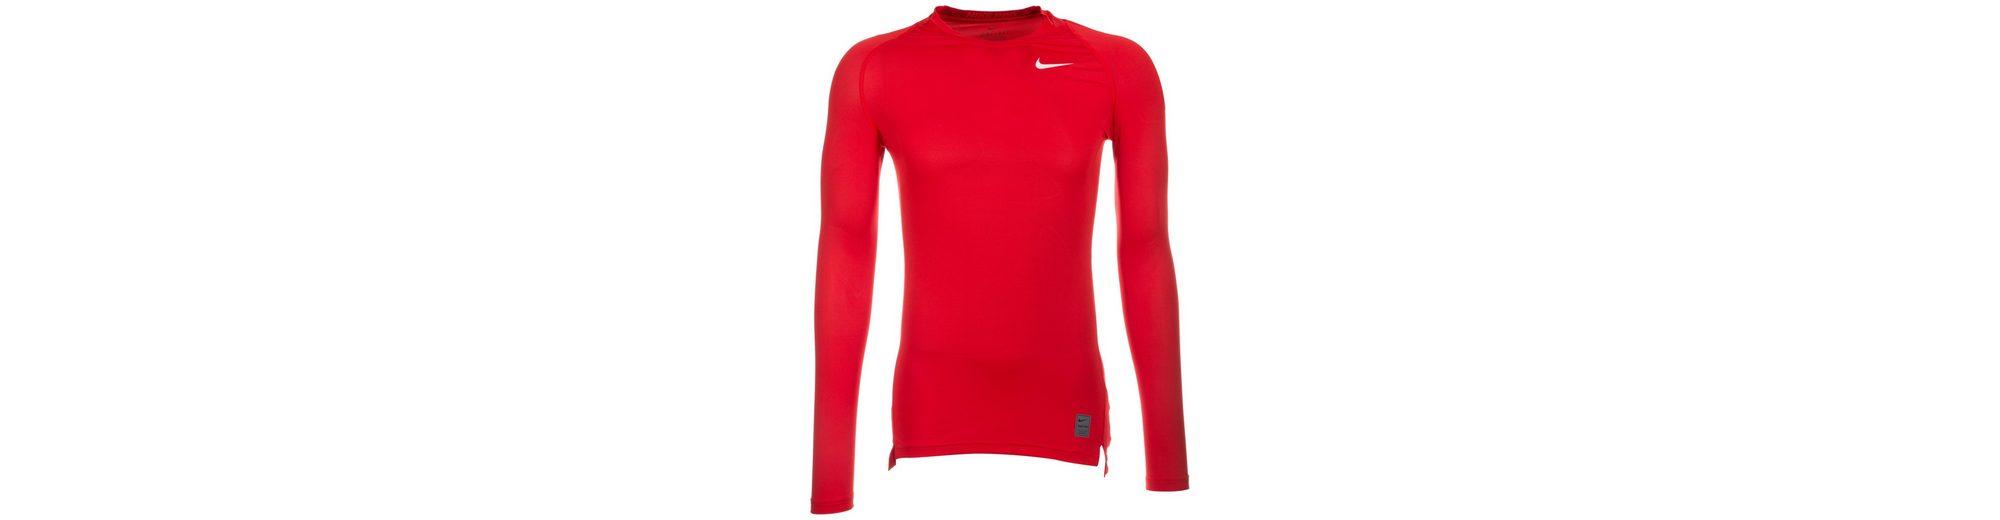 Billig Verkauf In Deutschland Freies Verschiffen Der Niedrige Preis Versandgebühr Nike Langarmshirt Pro Dry Compression 3JseubLM95